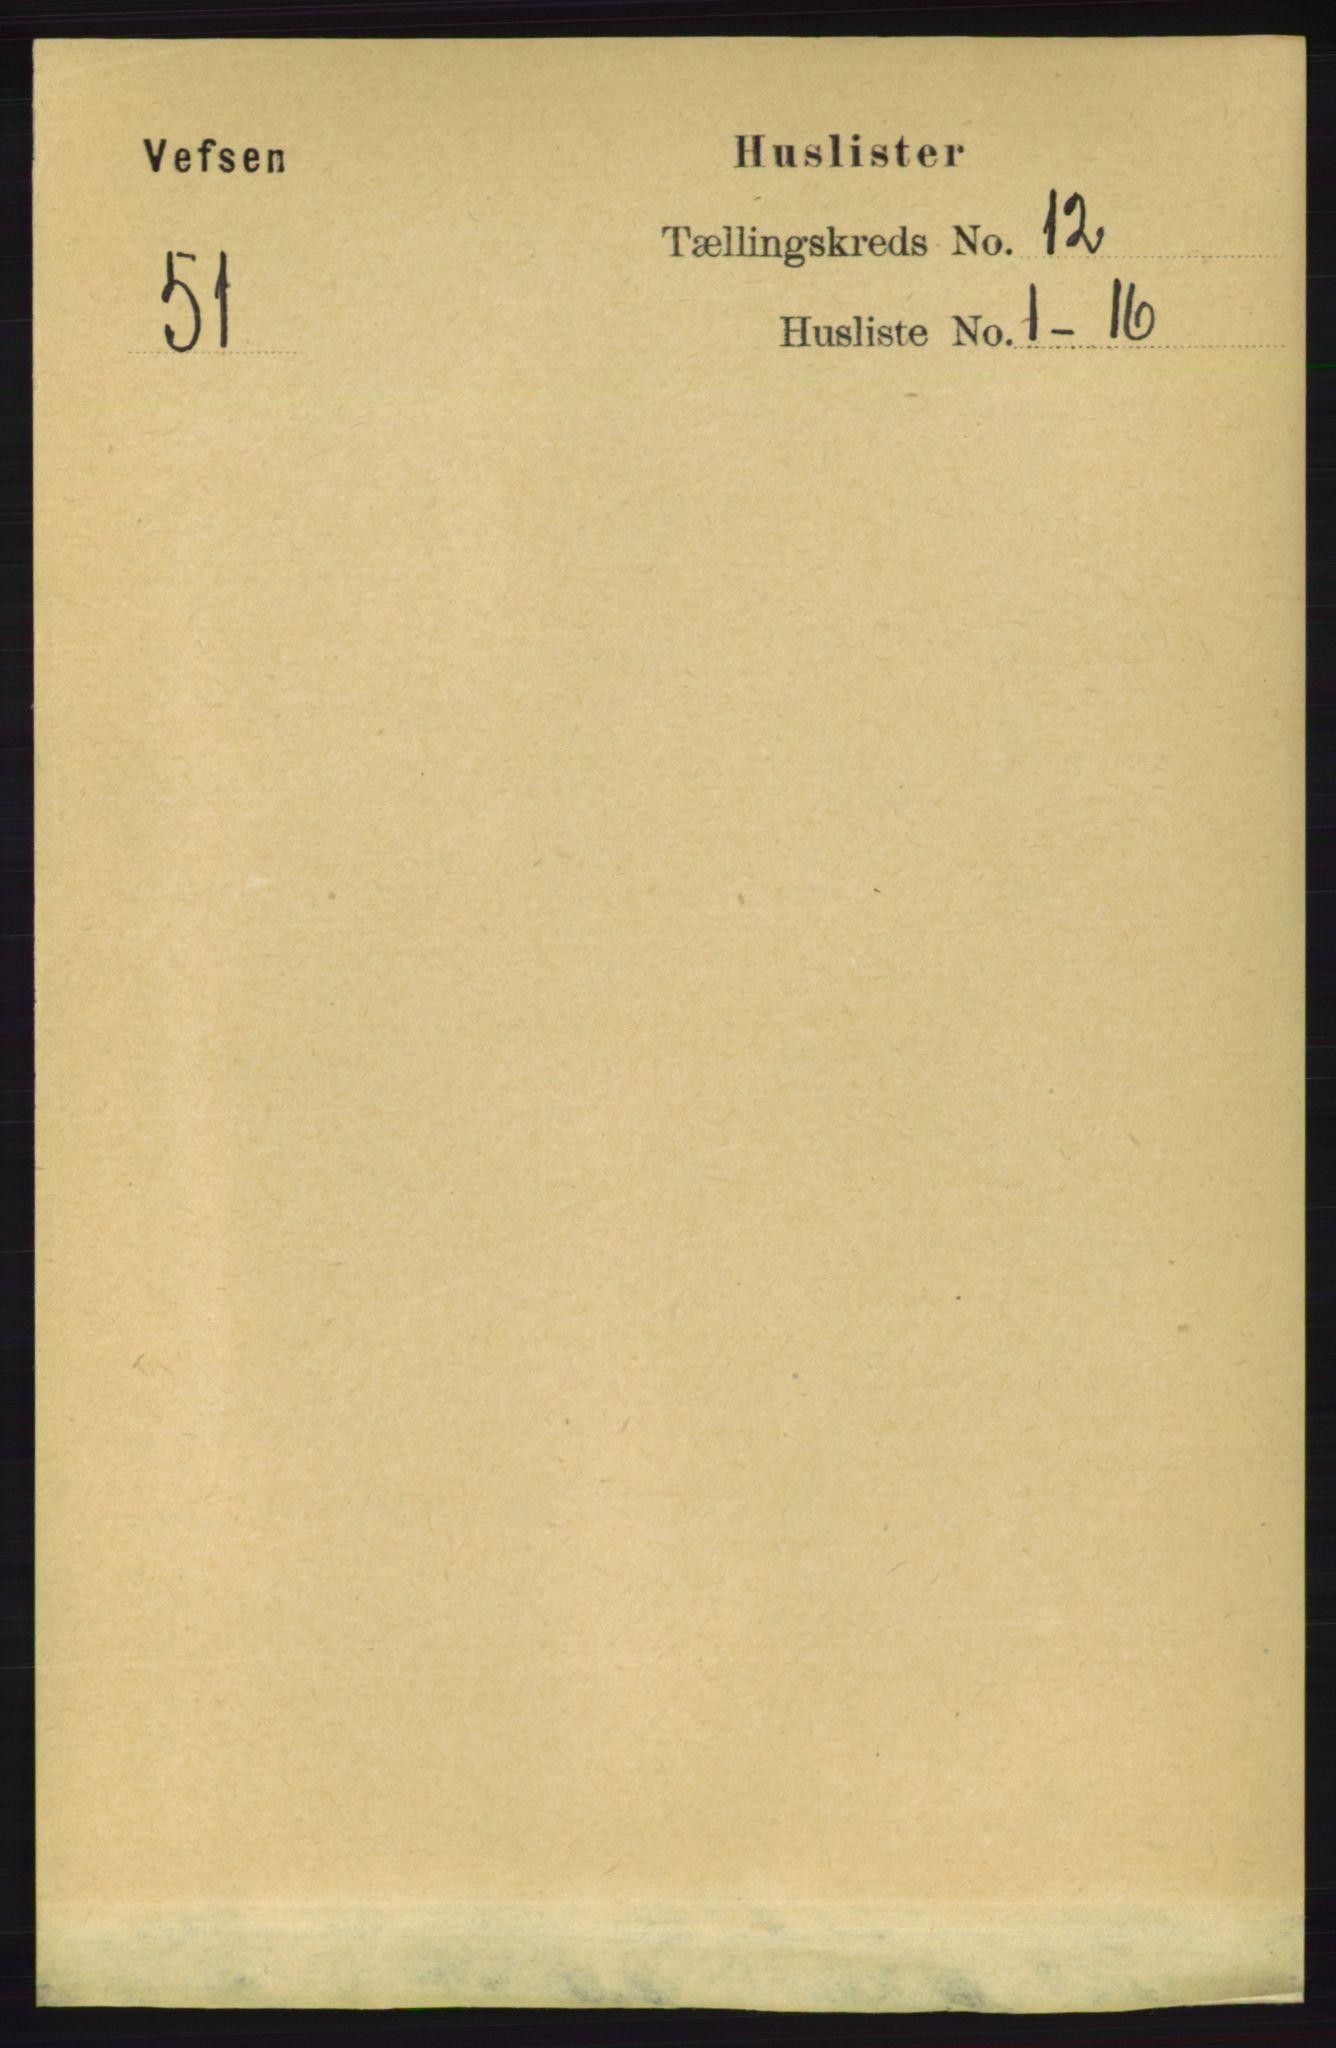 RA, Folketelling 1891 for 1824 Vefsn herred, 1891, s. 6055